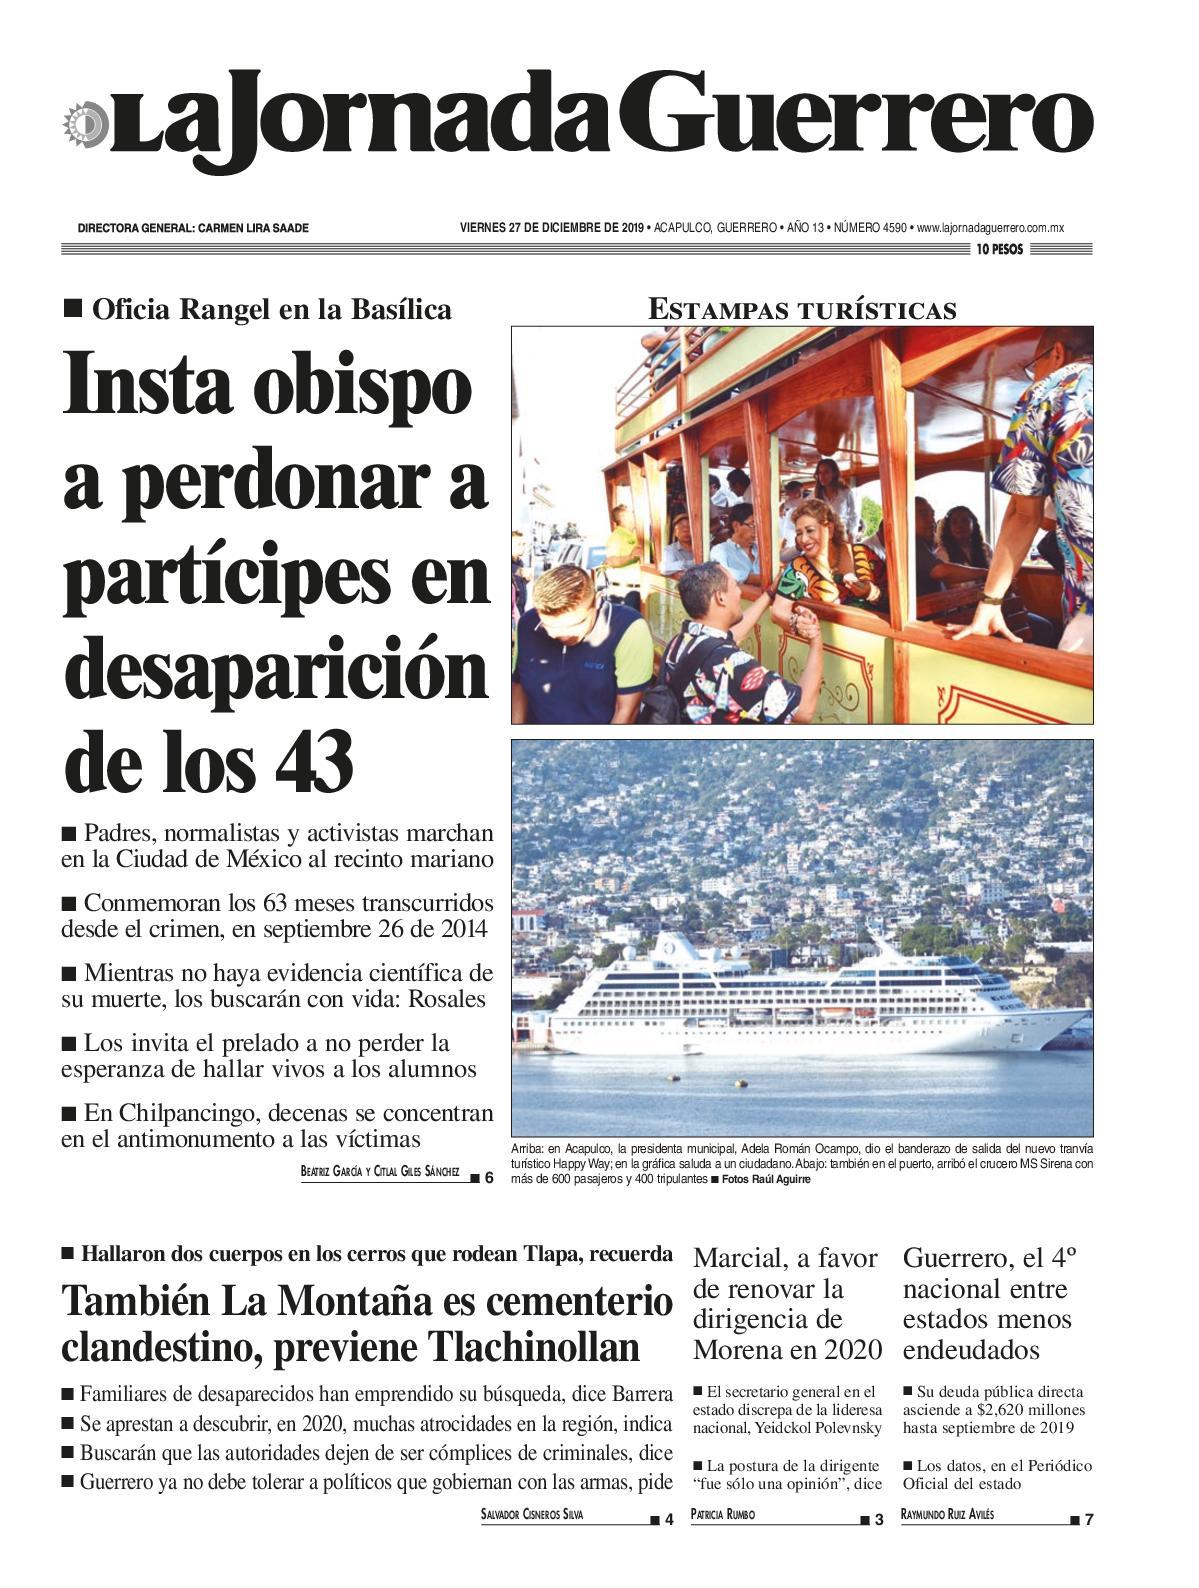 La Jornada Guerrero